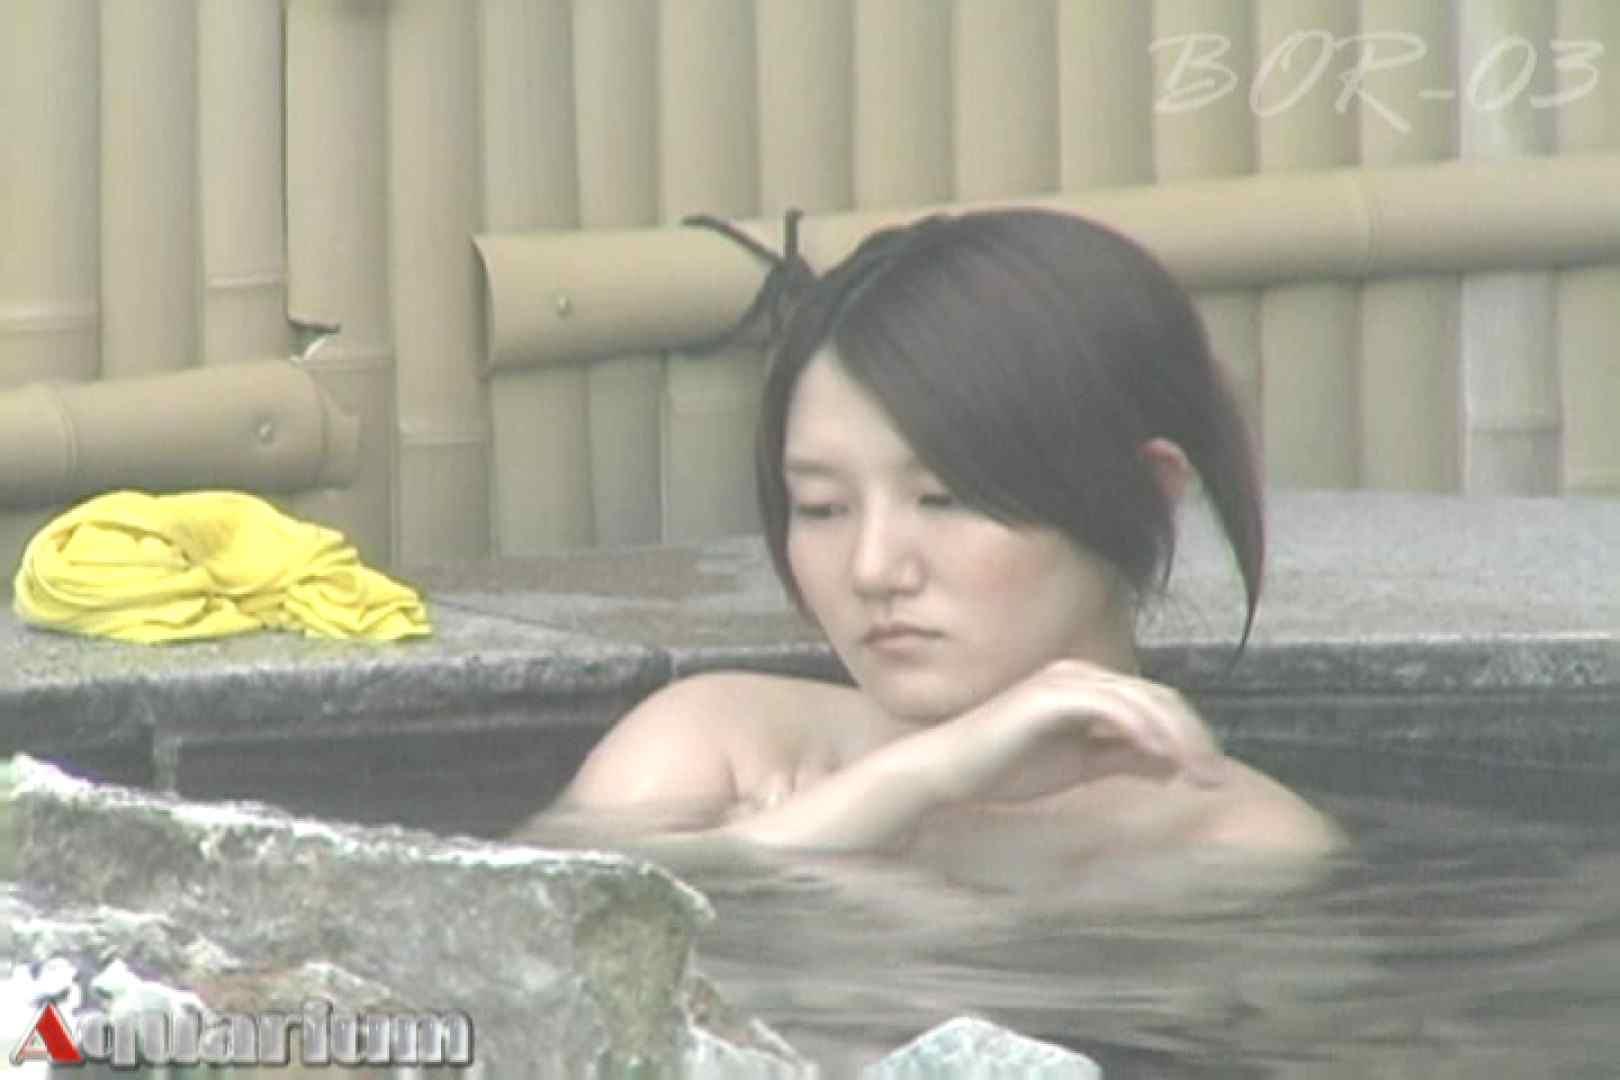 Aquaな露天風呂Vol.487 OLのエロ生活  95連発 78